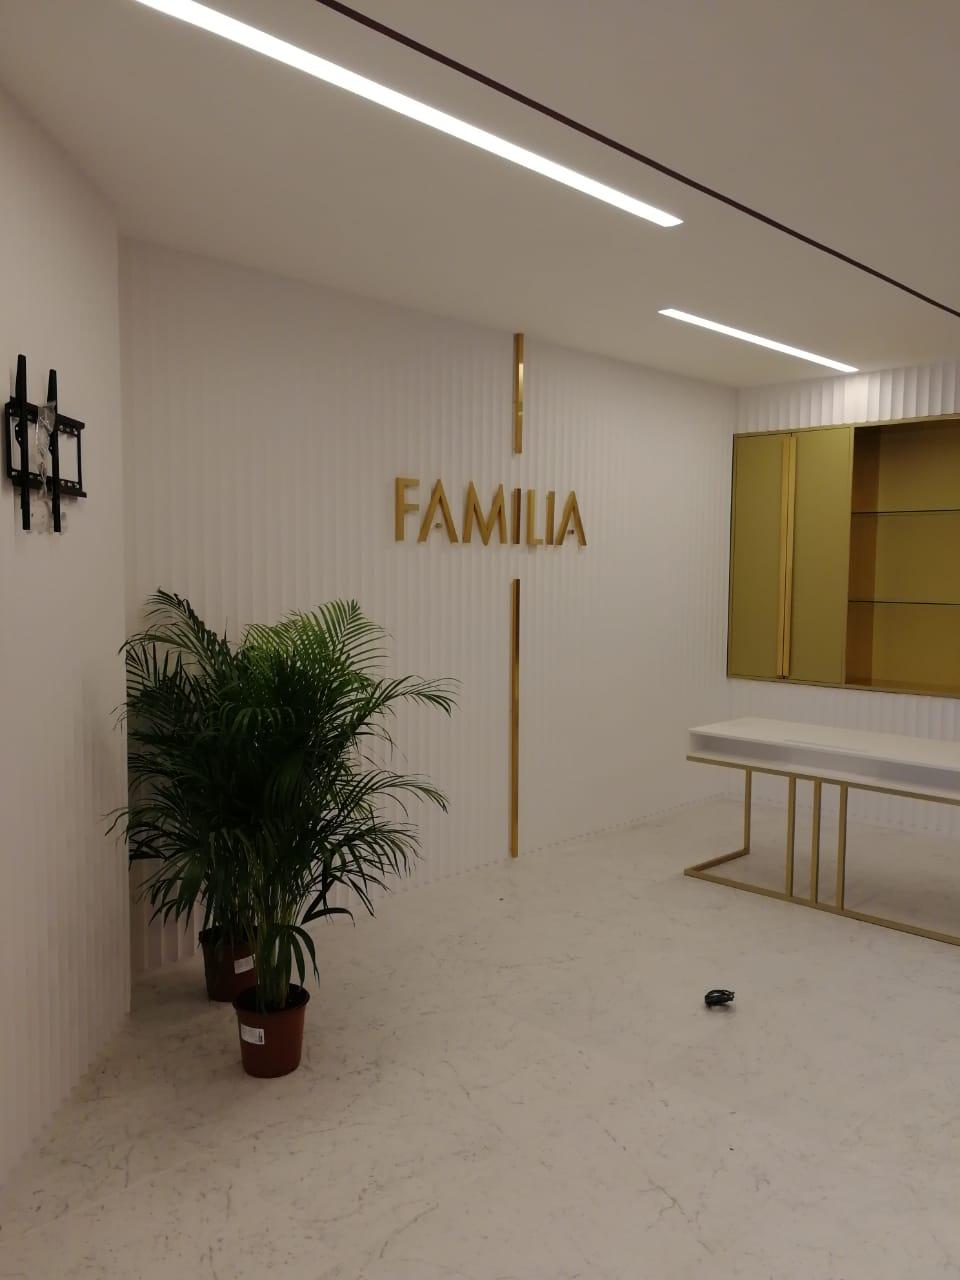 Интерьерная вывеска в офисе ЖК Familia